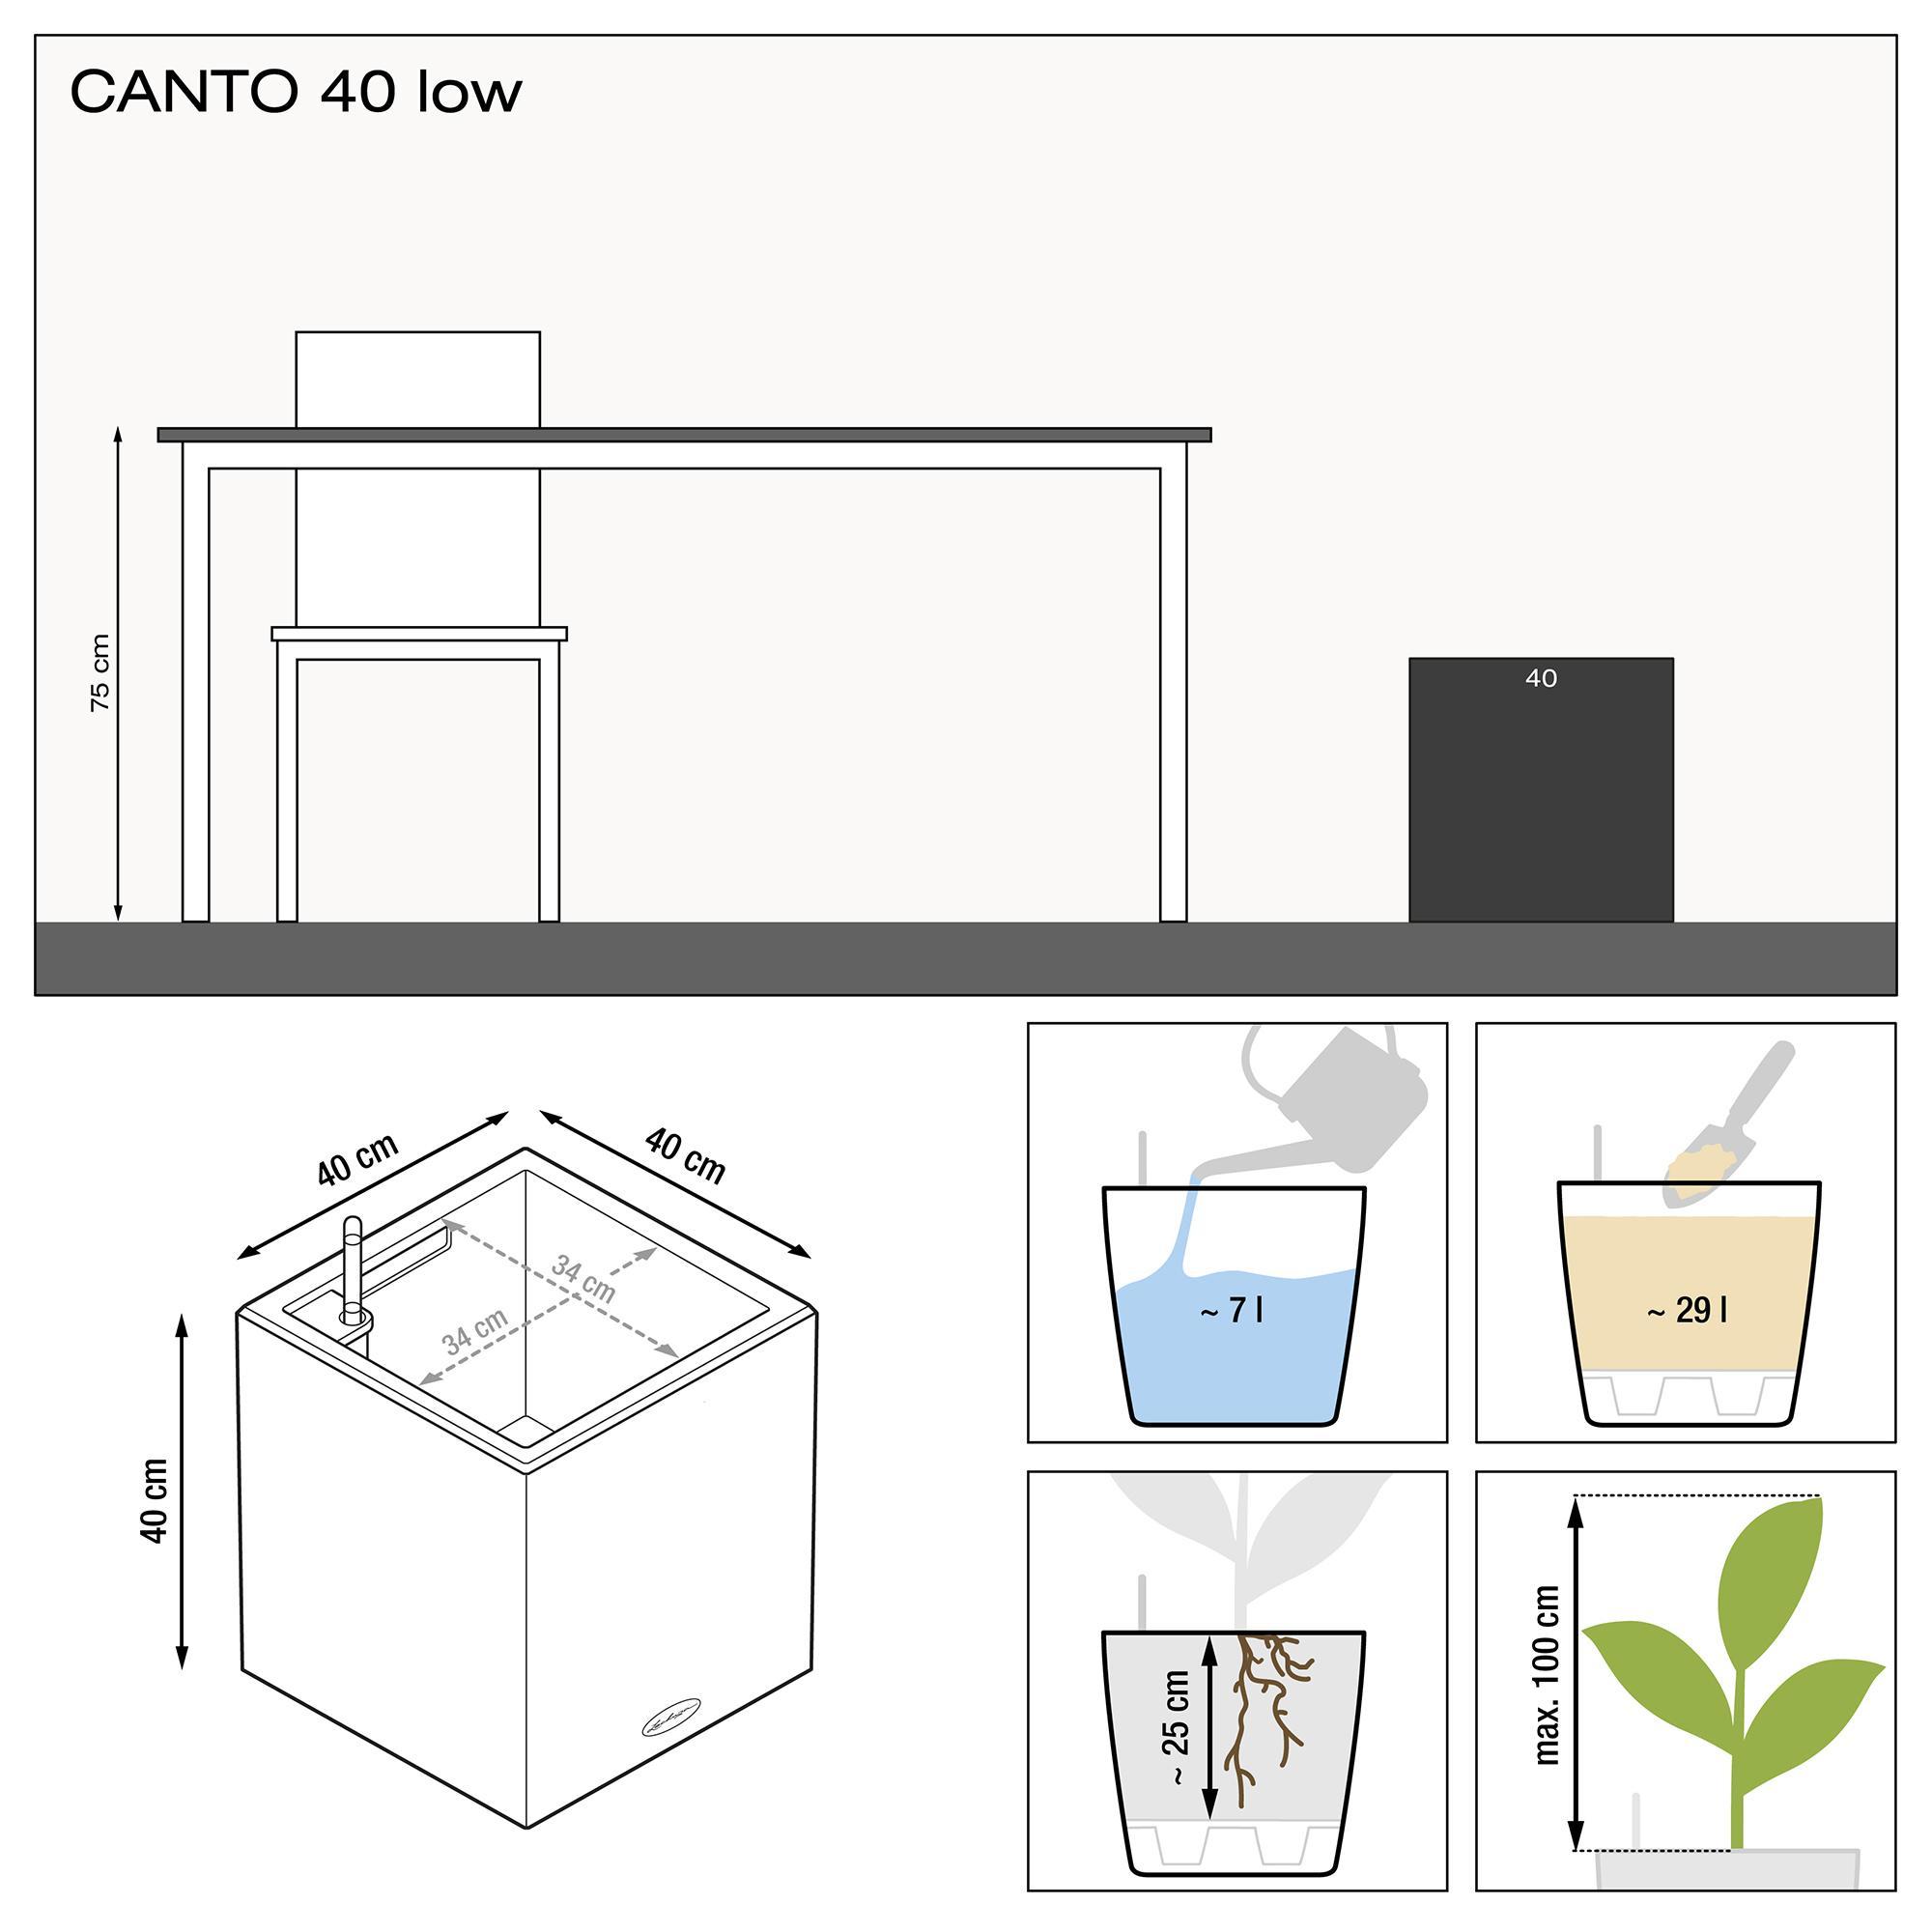 le_canto-wuerfel40_product_addi_nz